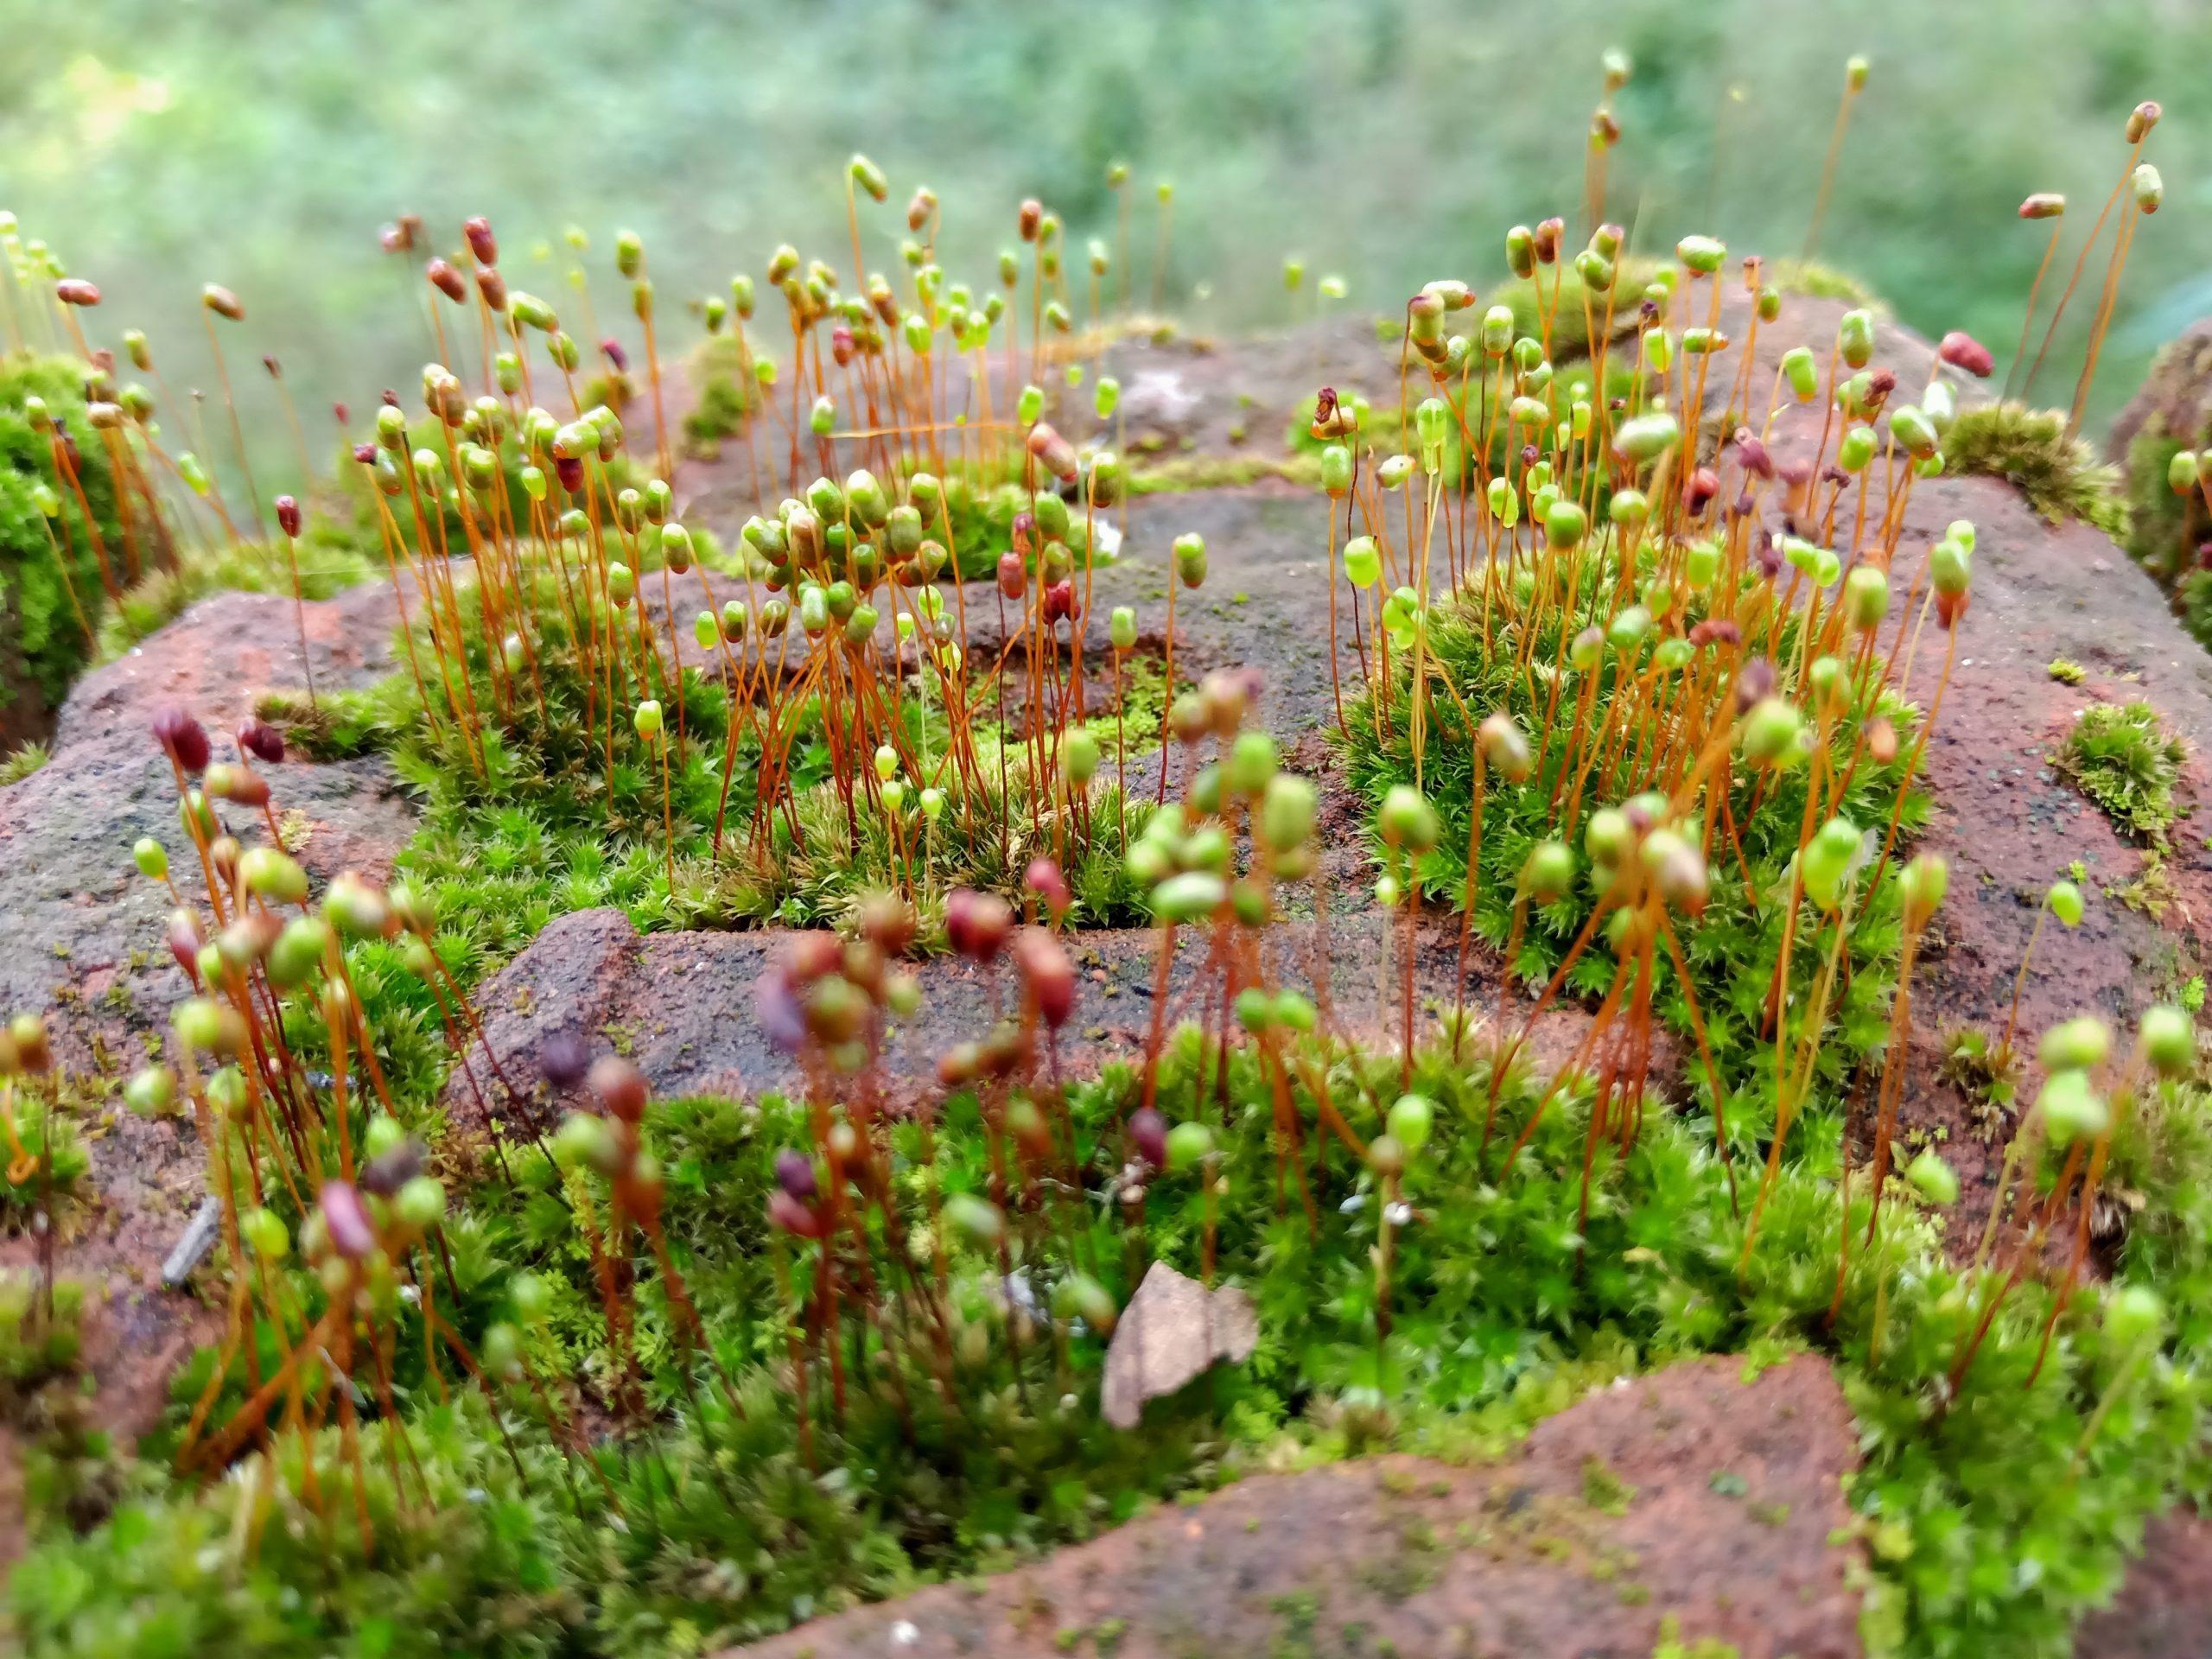 Grass on rock